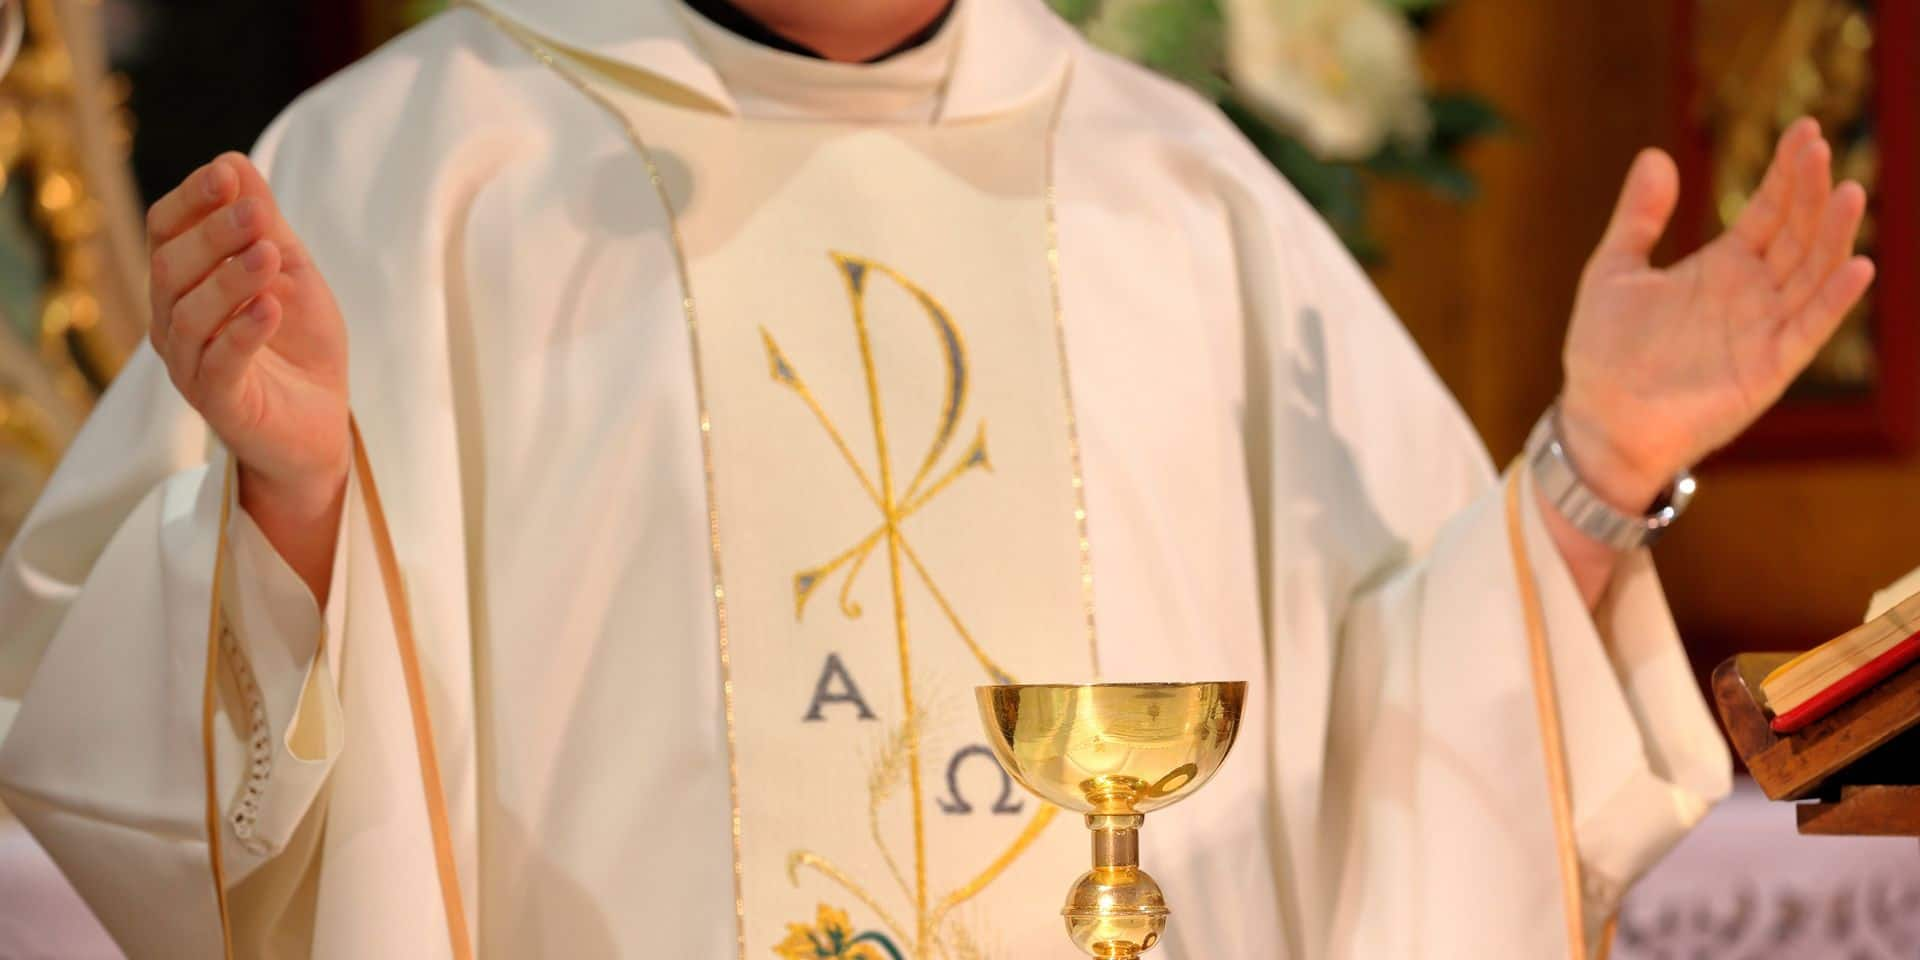 Un prêtre arrêté parce qu'il détournait l'argent de sa paroisse pour organiser... des soirées libertines